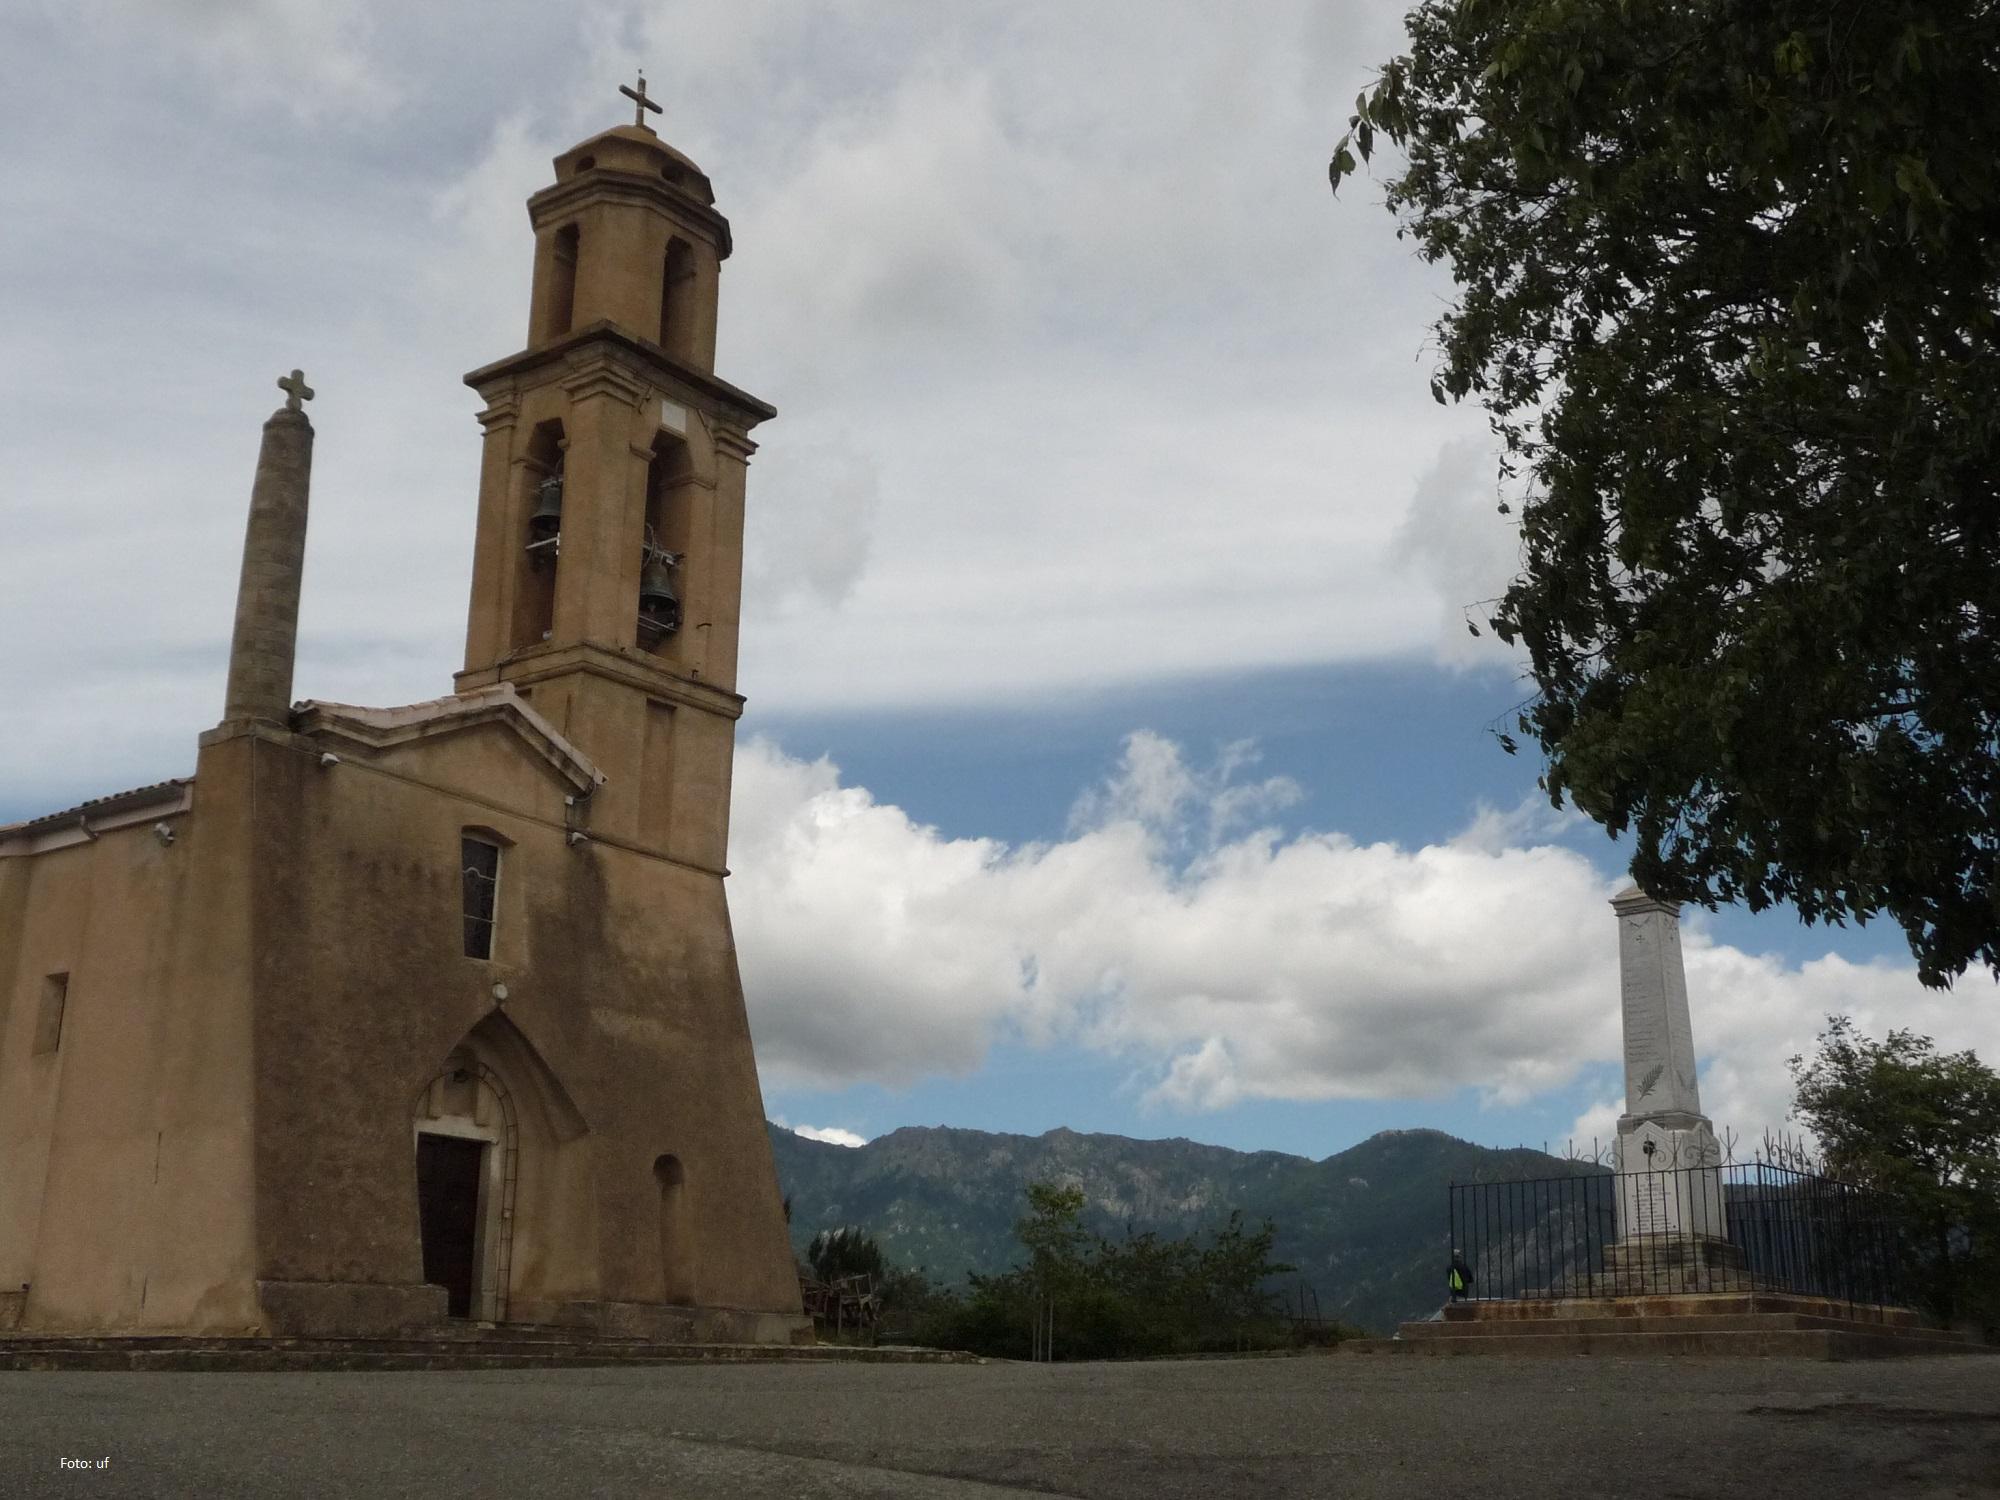 Richtung Süden auf Korsika, bei Ghisonacchia im Hinterland - Im Dorf Prunelli-di-Fiumorbo (Prunelli-di-Fium'Orbu)